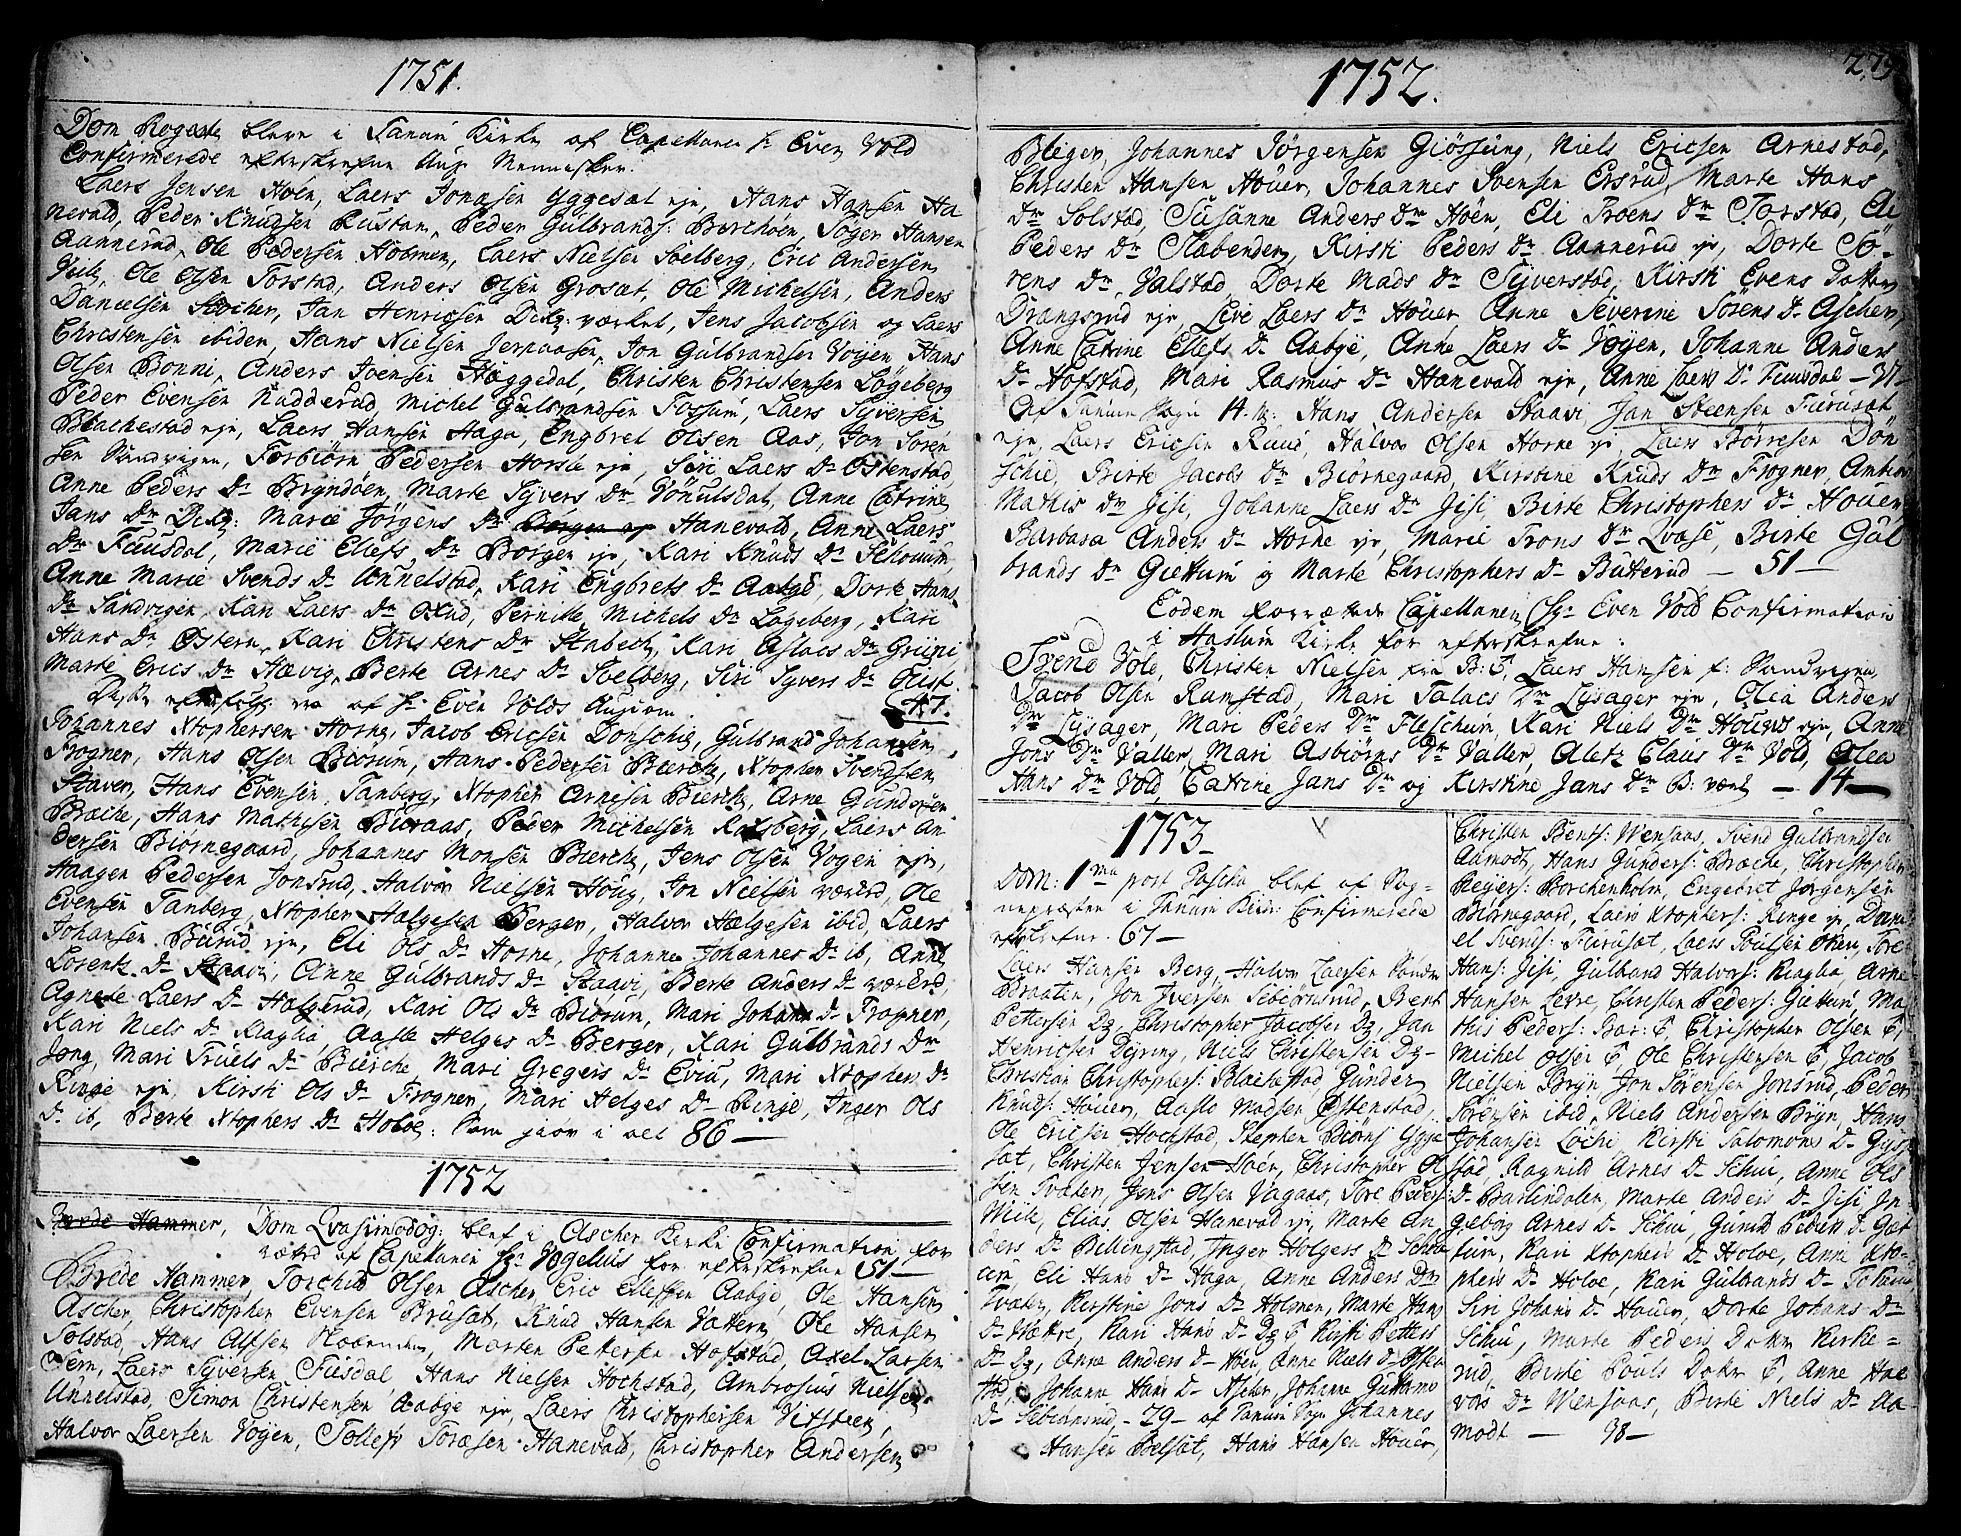 SAO, Asker prestekontor Kirkebøker, F/Fa/L0002: Ministerialbok nr. I 2, 1733-1766, s. 279